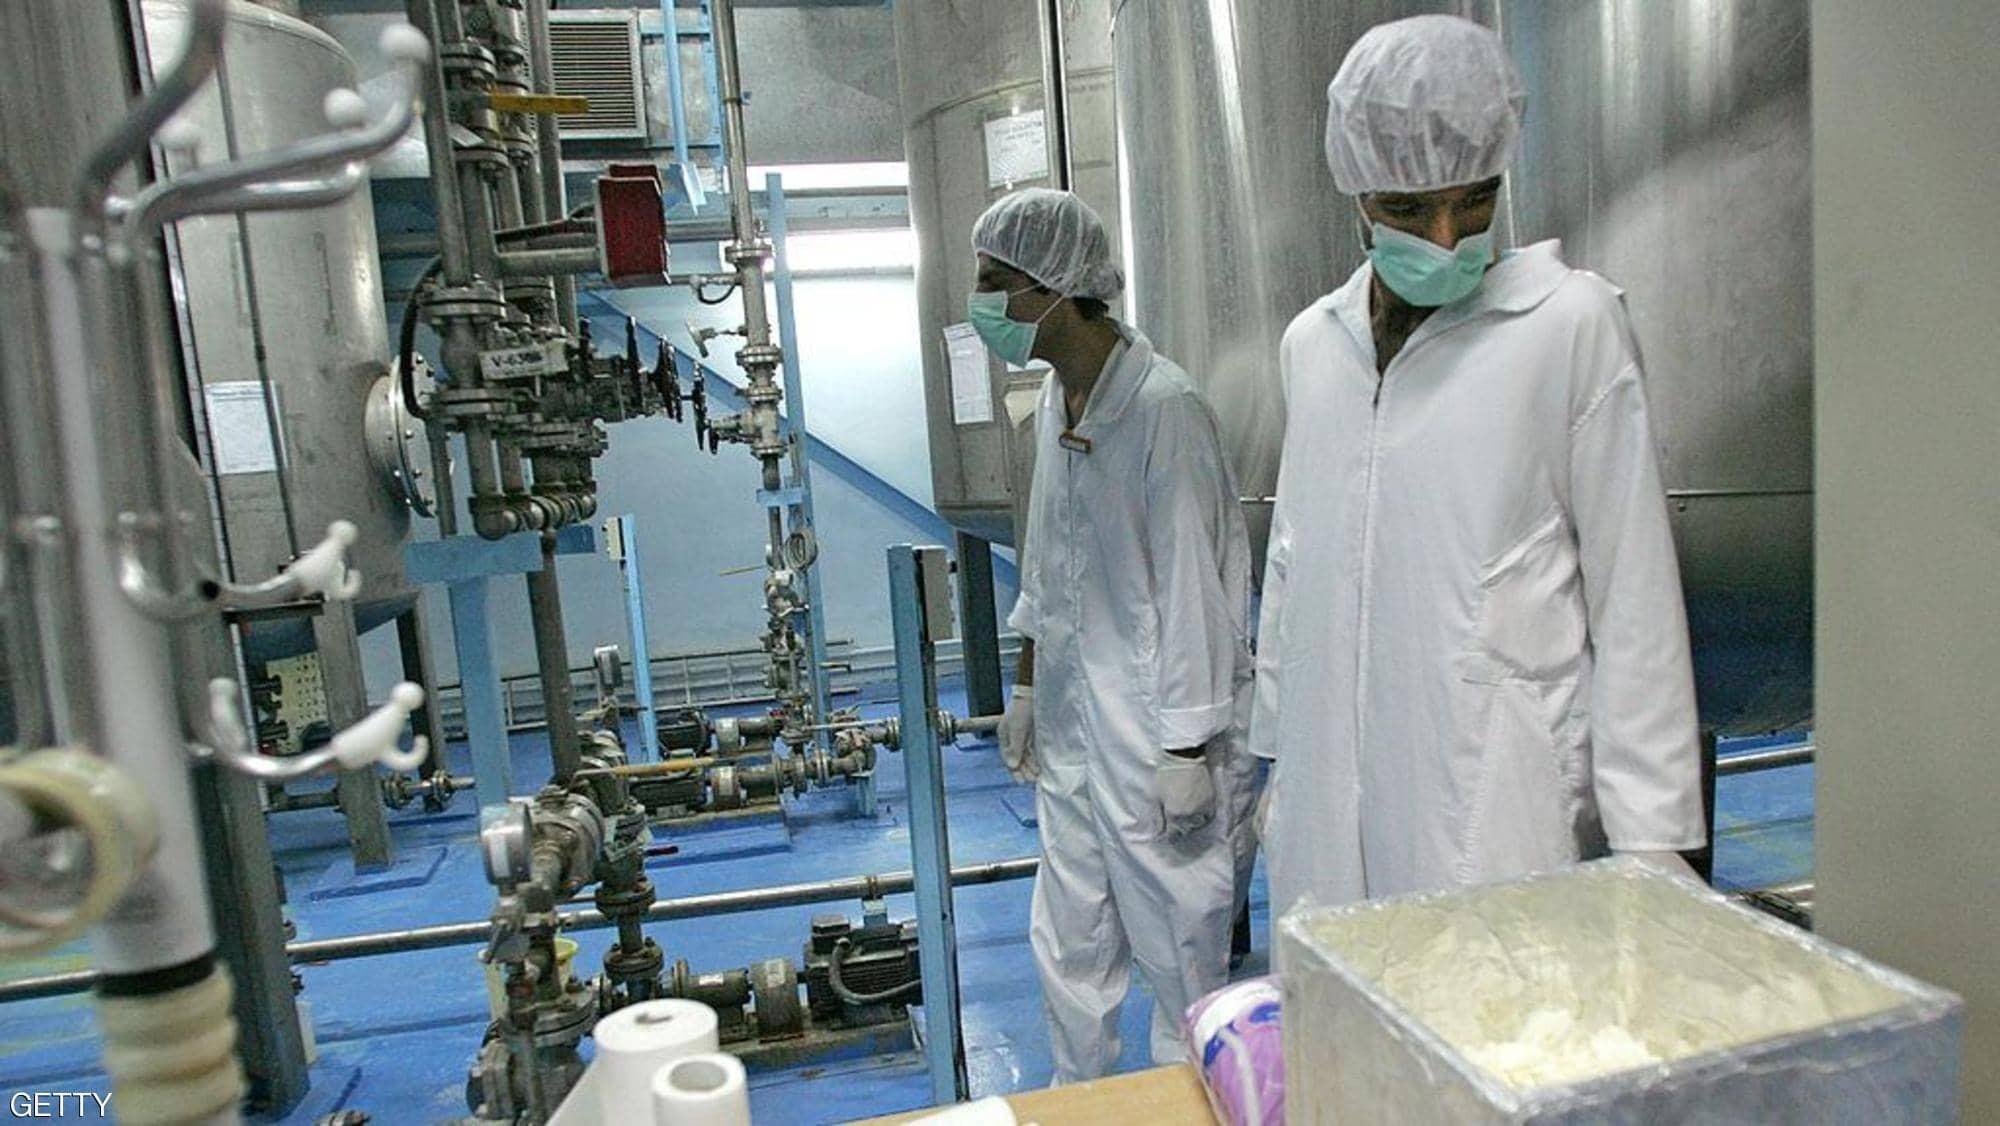 إيران تعلن رسميا زيادة تخصيب اليورانيوم وخرق الاتفاق النووي